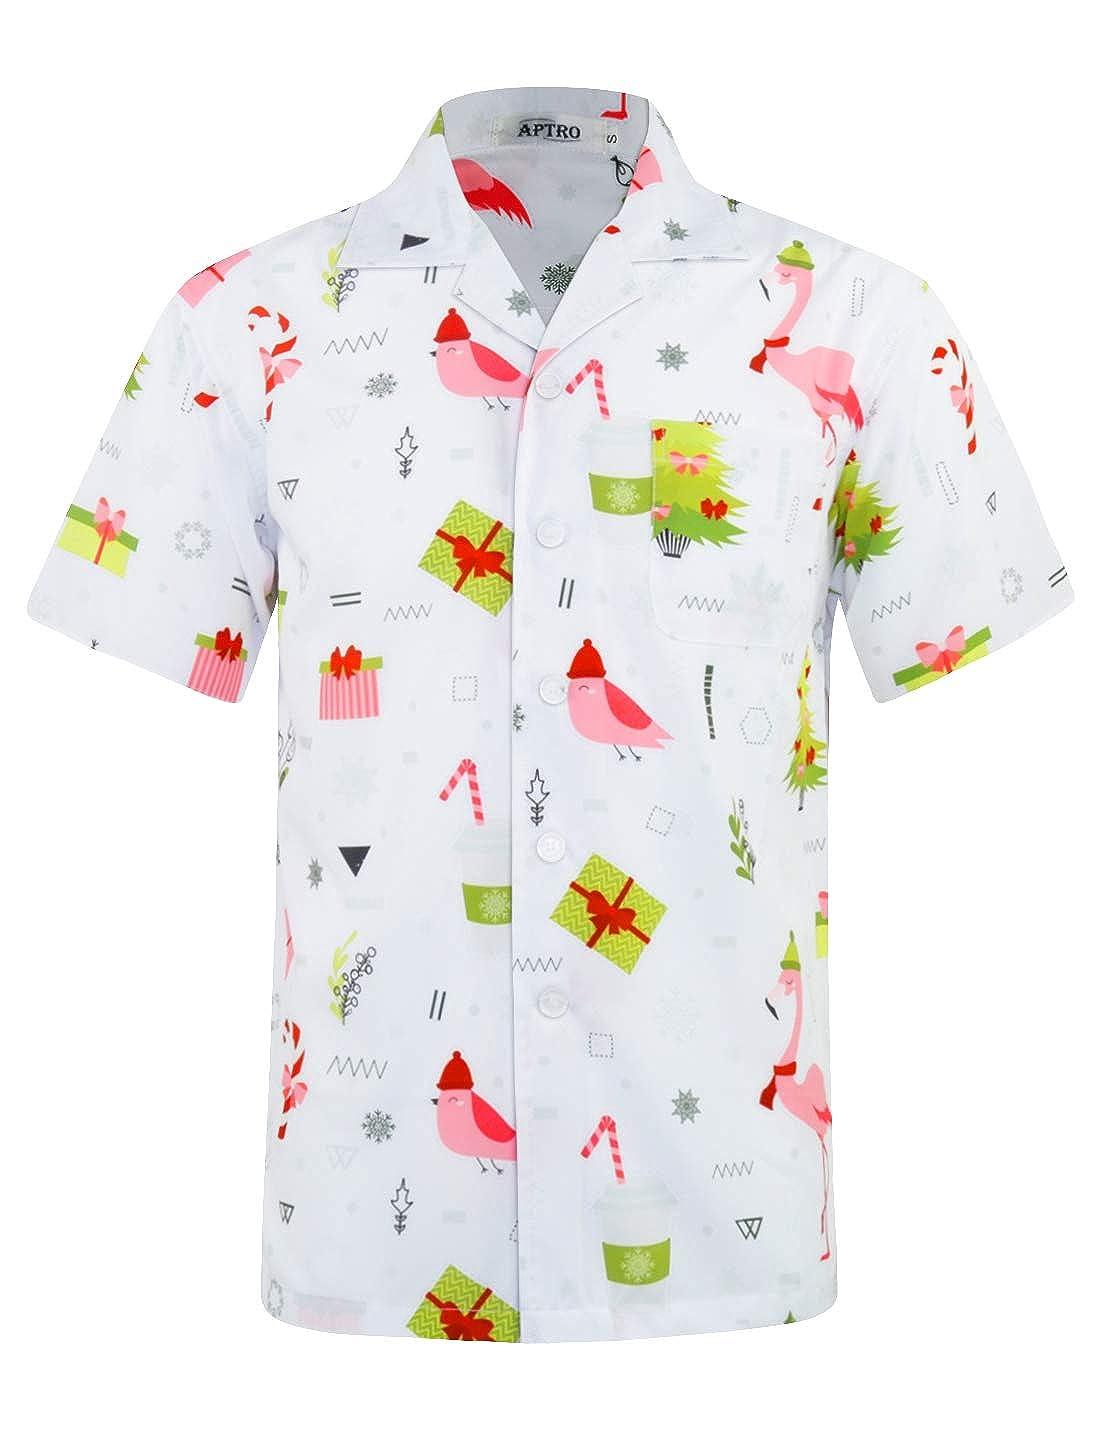 621da86a9 Funny Hawaiian Shirts - DREAMWORKS